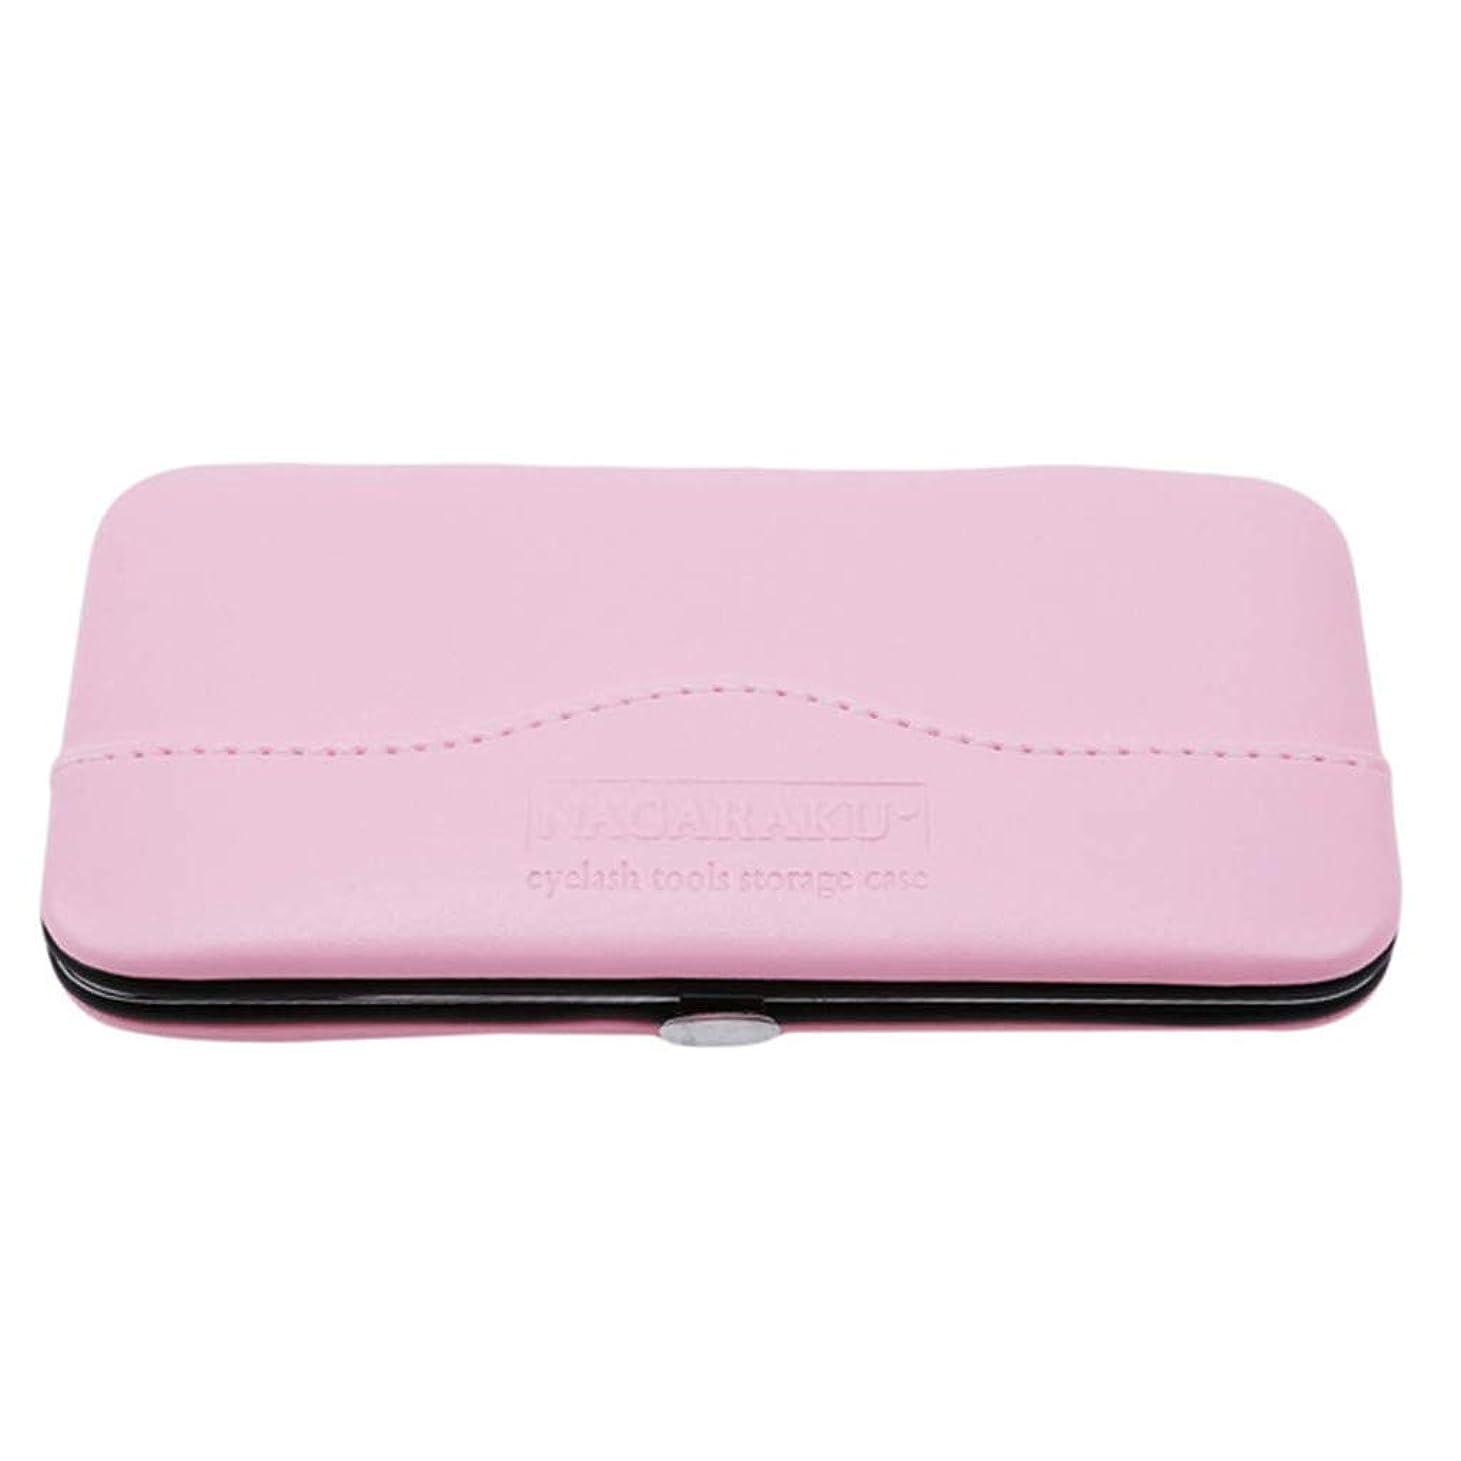 小売付属品データベース1st market プレミアム品質1ピース化粧道具バッグ用まつげエクステンションピンセット収納ボックスケース